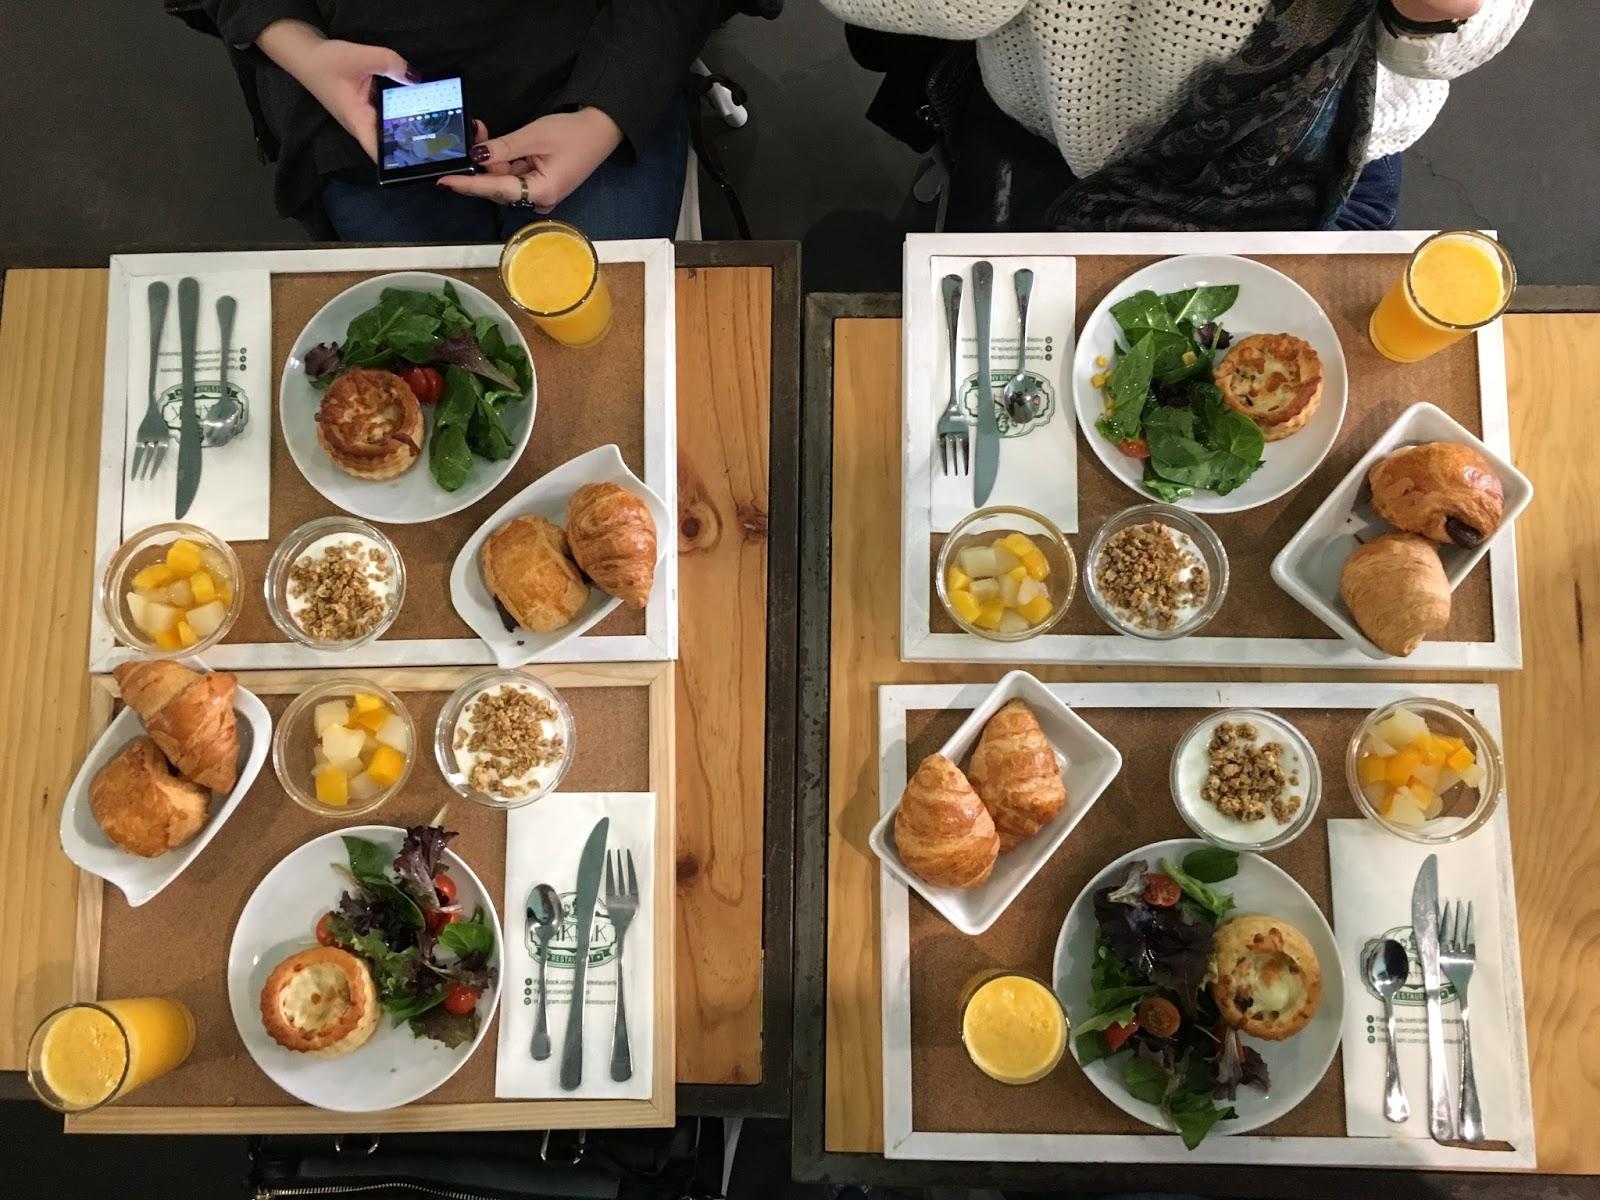 colisión Ciencias Puede ser ignorado  Zapiski ze świata : Gdzie zjeść najlepsze śniadanie w Walencji?